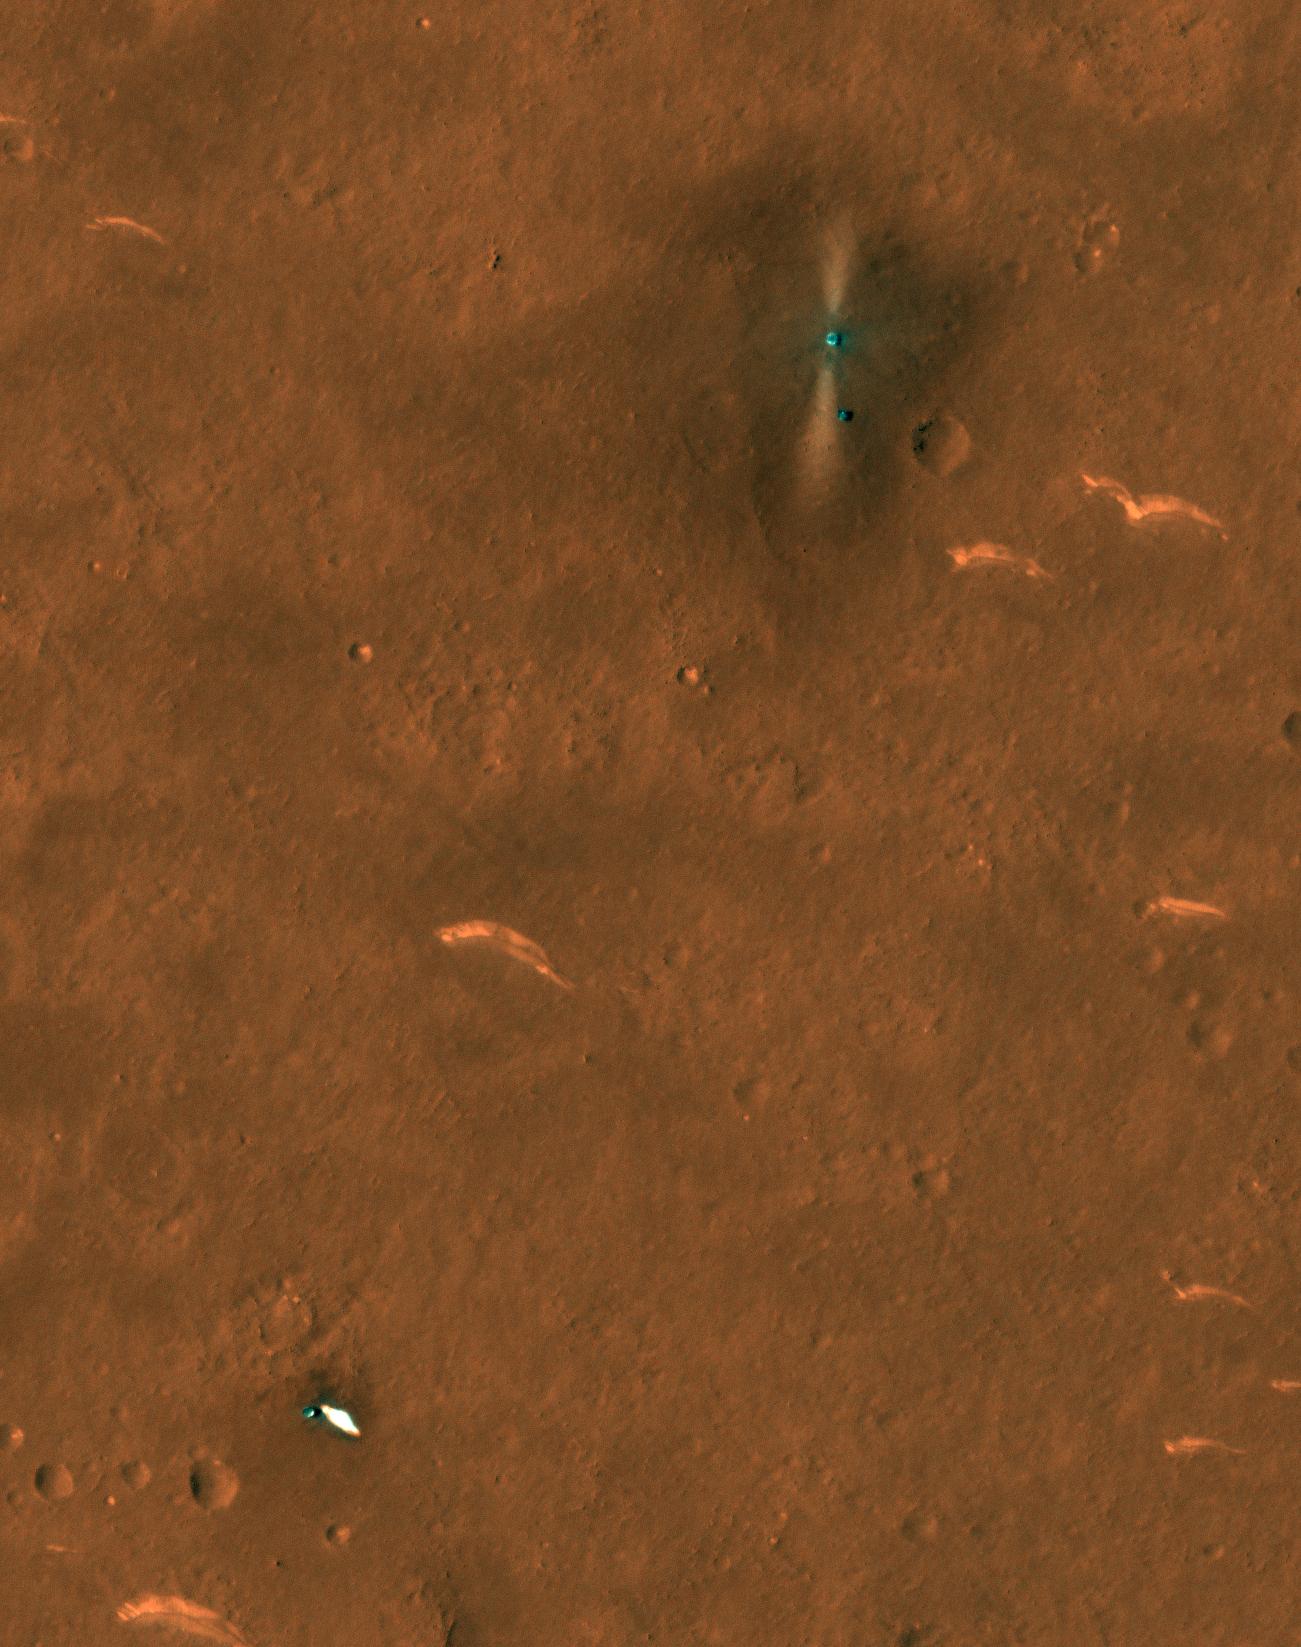 Le parachute et la coque arrière du rover chinois Zhurong Mars sont visibles en bas à gauche sur cette image, capturée le 6 juin 2021 par la caméra HiRISE sur Mars Reconnaissance Orbiter de la NASA.